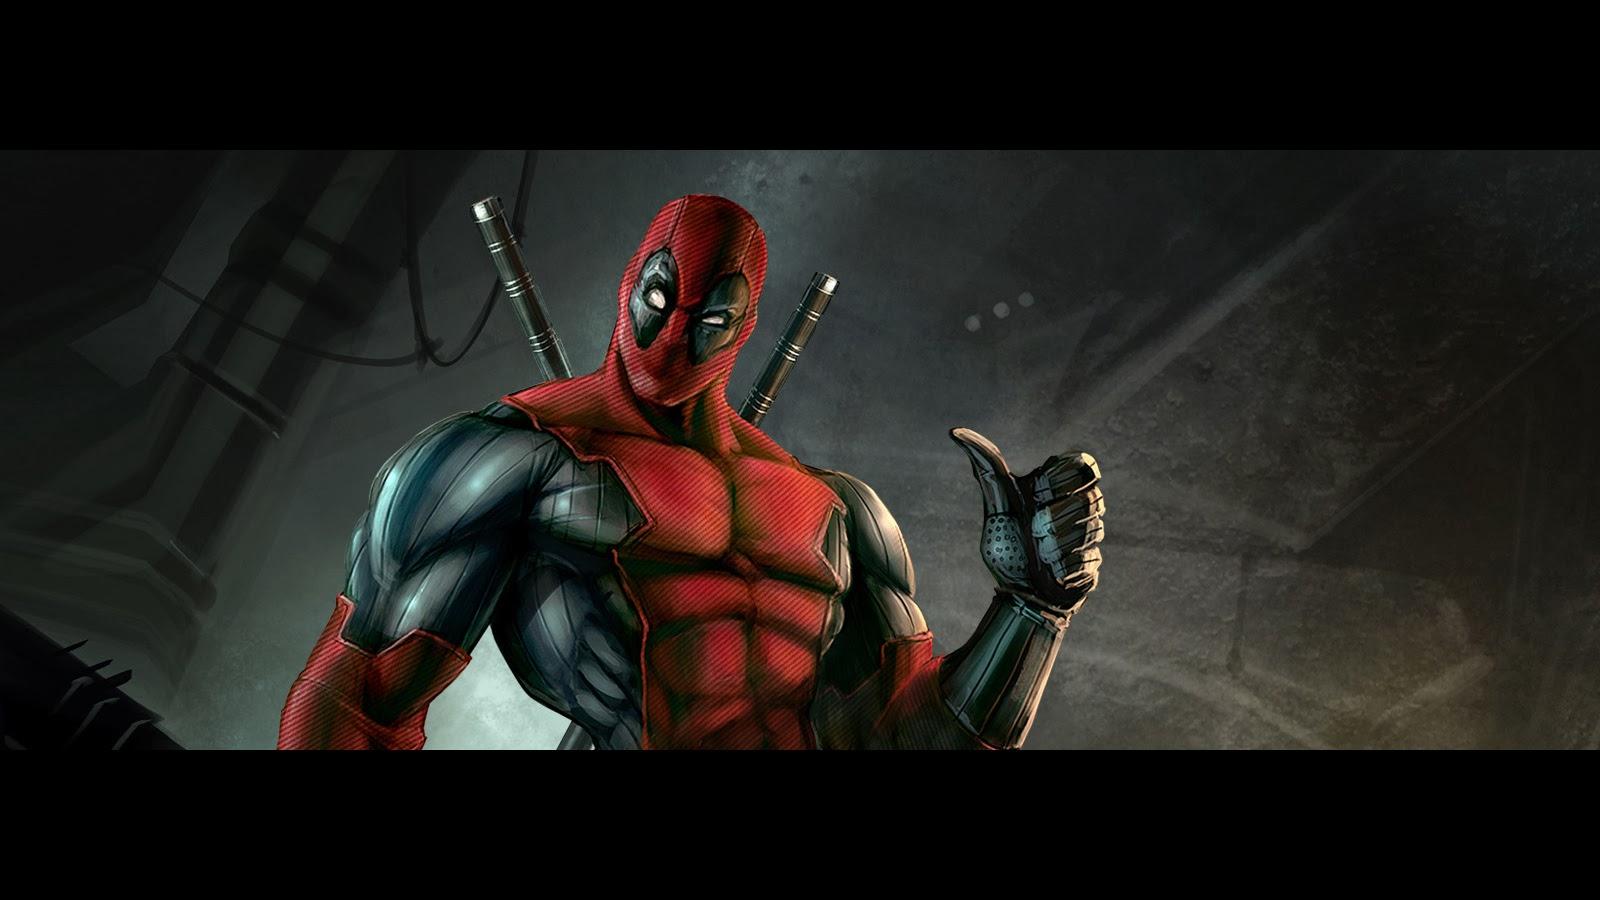 Deadpool Marvel Comics HD Wallpaper 1600x900 a82 1600x900